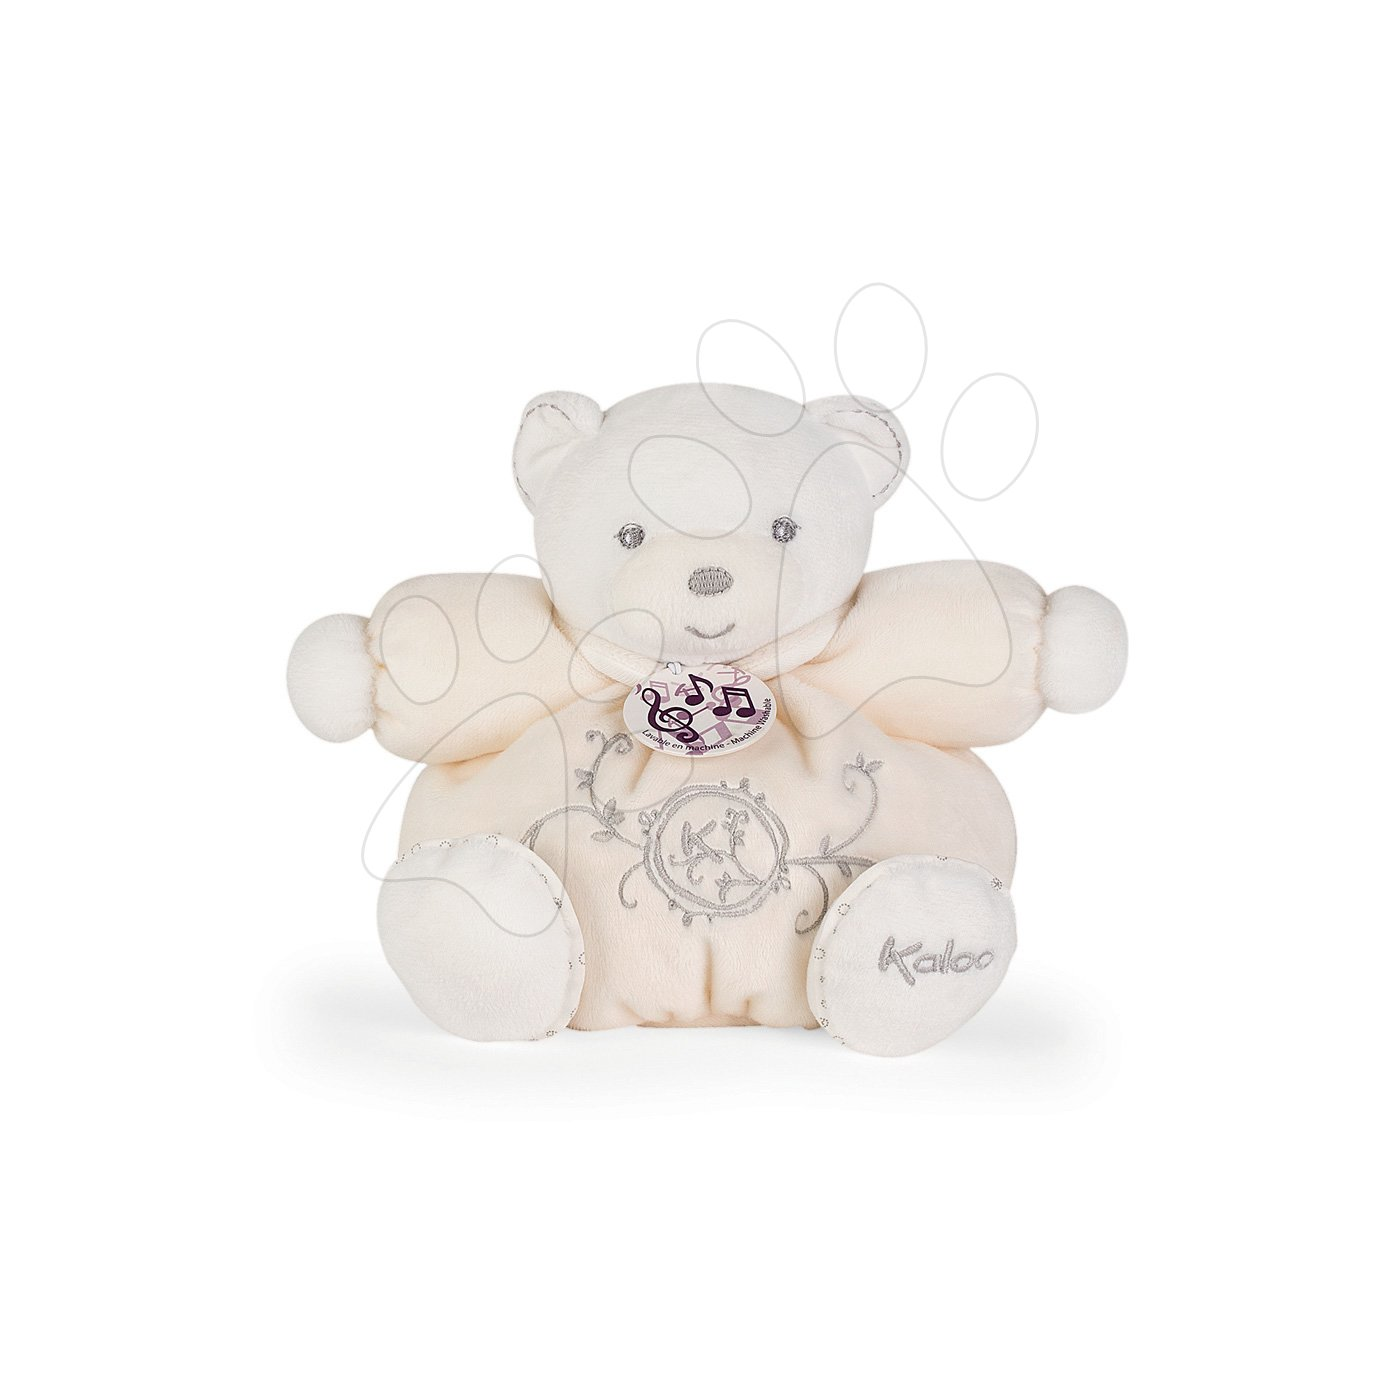 Plyšový medvedík spievajúci Perle Chubby Kaloo 18 cm v darčekovej krabičke krémový od 0 mesiacov